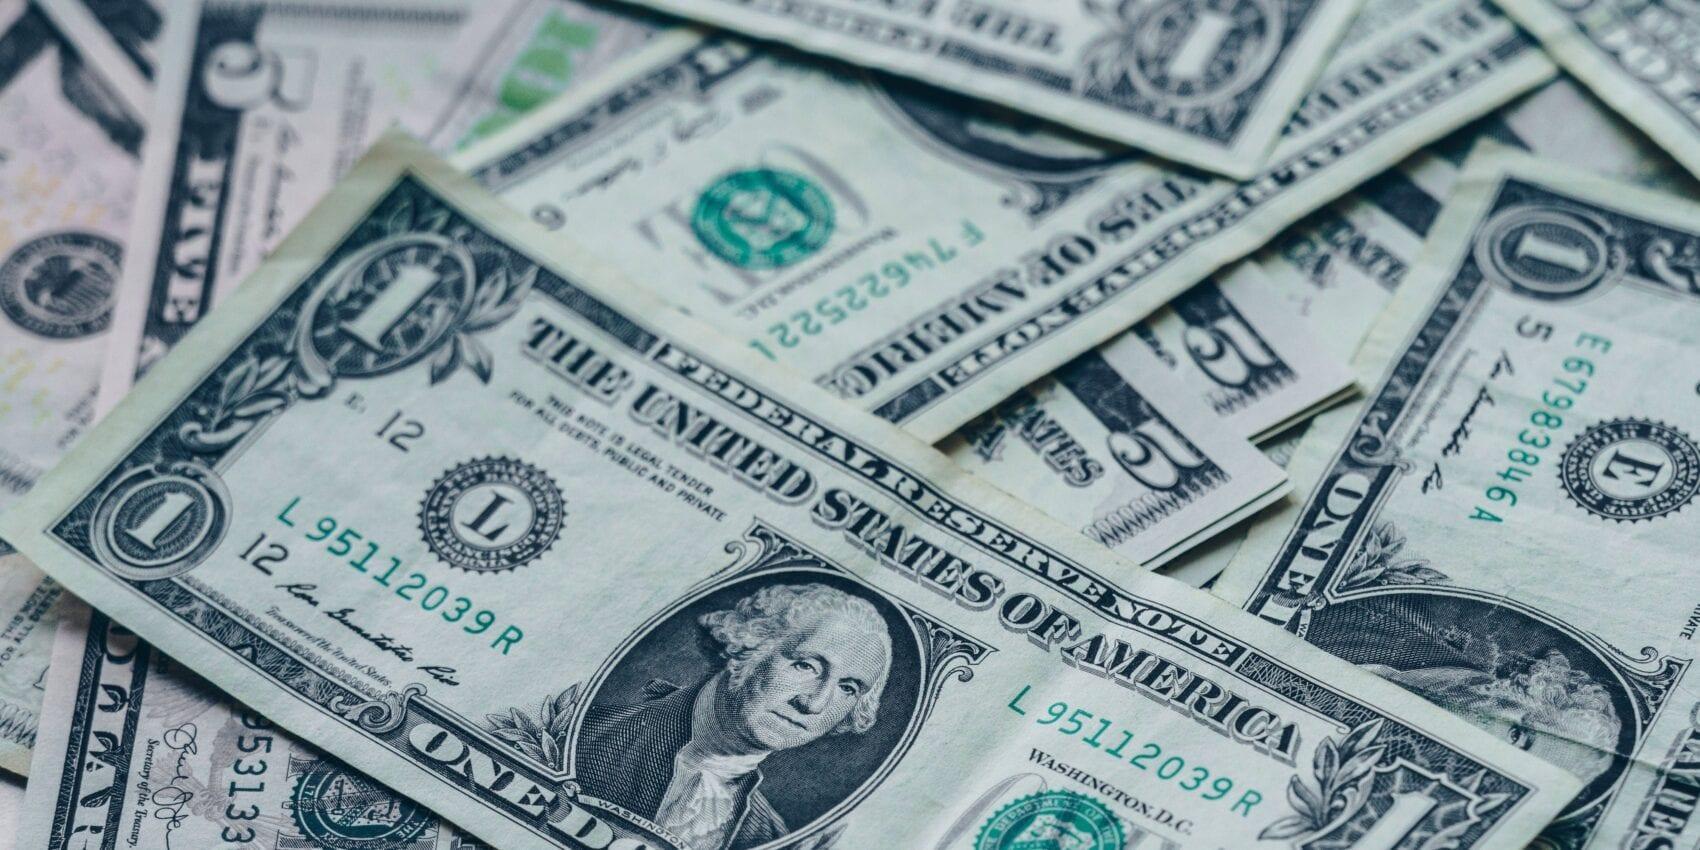 Bonds: entenda o que são os títulos de renda fixa no exterior